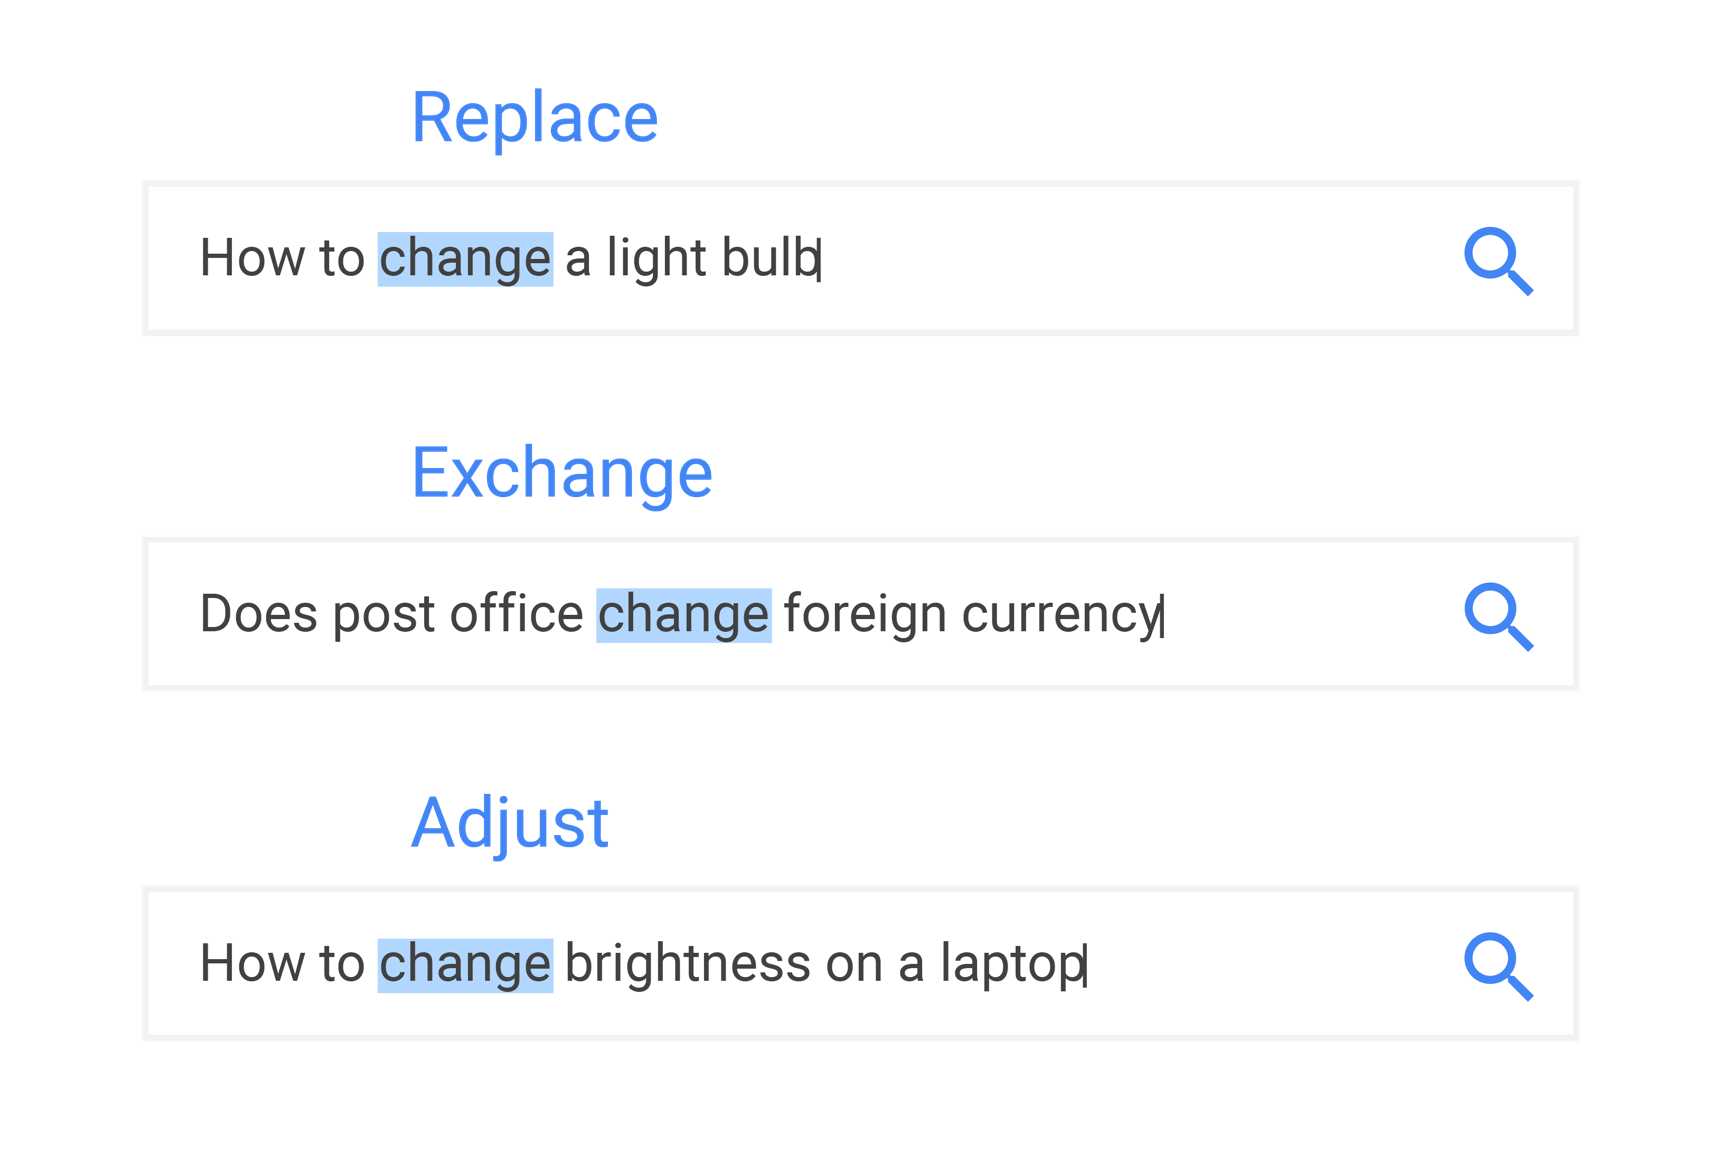 Google nutzt Sprachmodelle, um die semantischen Zusammenhänge einzelner Wörter zu erkennen und so die Bedeutung besser zu entschlüsseln